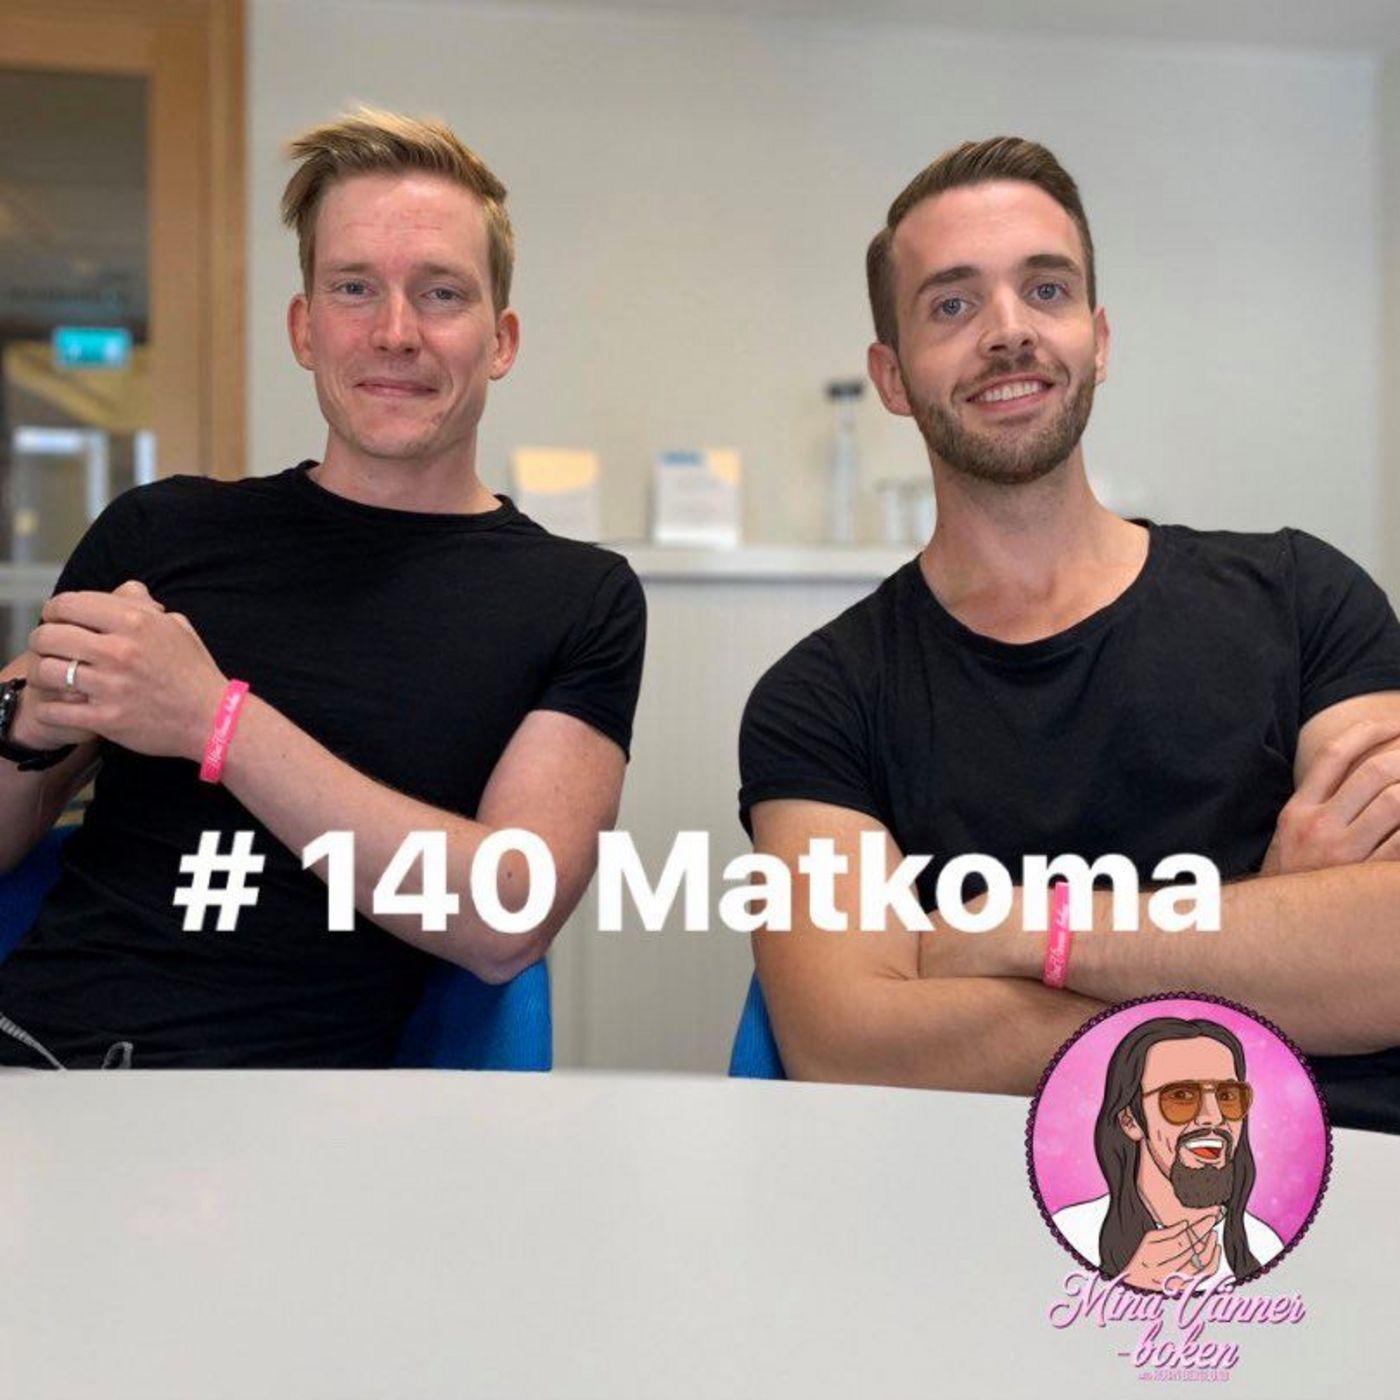 MVB #140 Matkoma